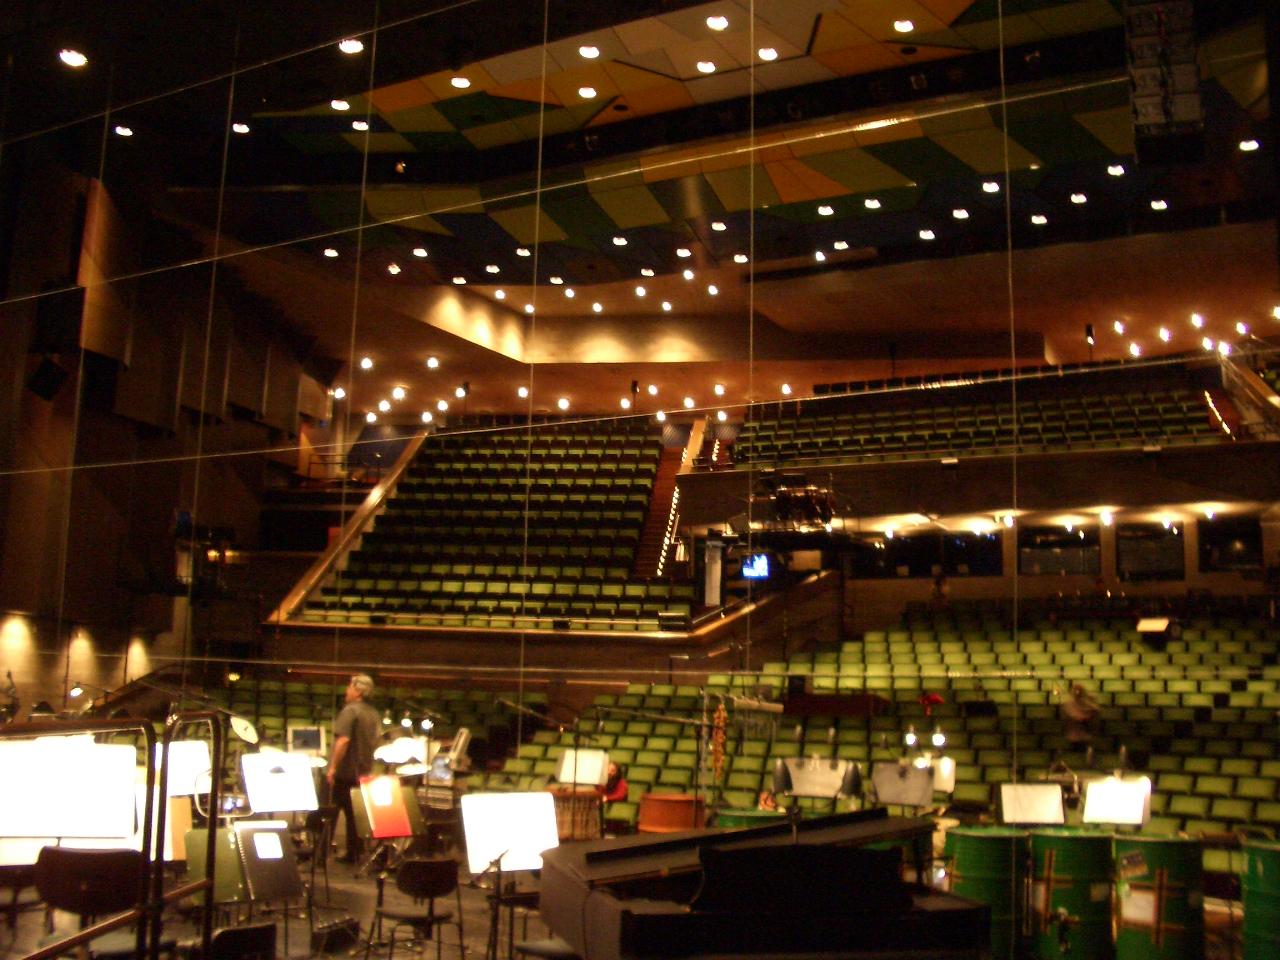 Teatro Statale Karlsruhe (Germany)